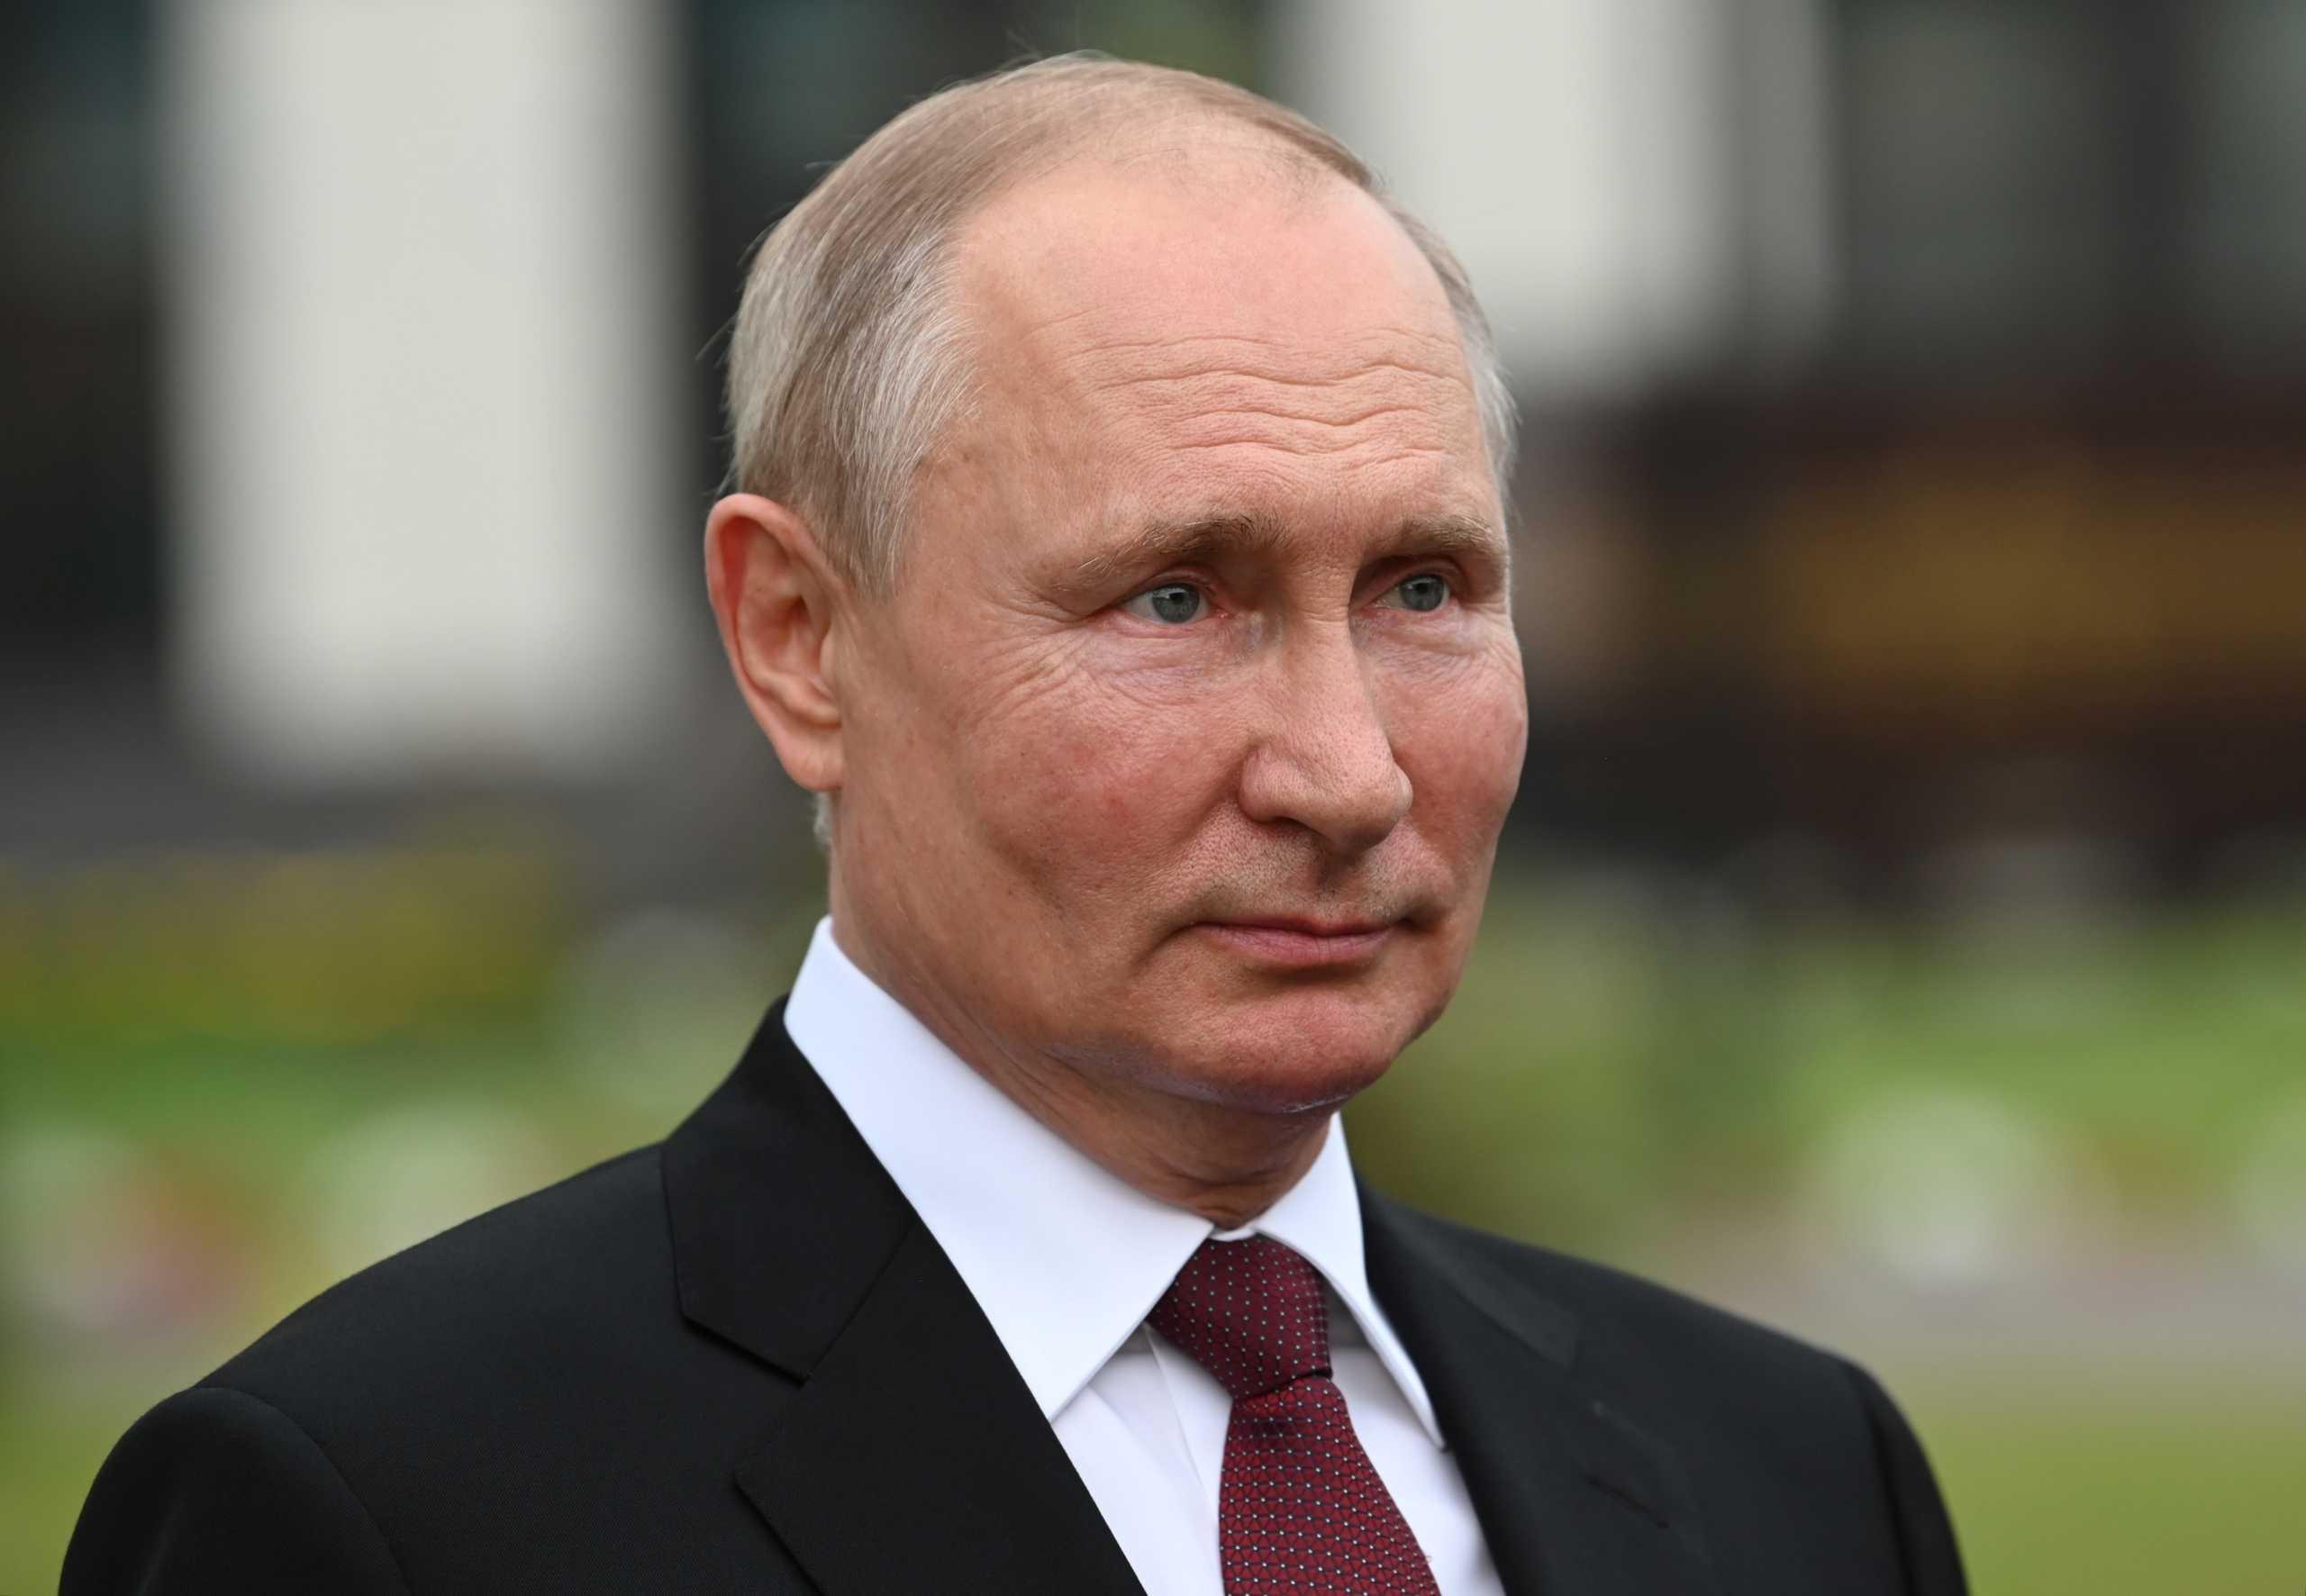 Πούτιν για Αφγανιστάν: Τραγωδία η παρουσία των ΗΠΑ στη χώρα